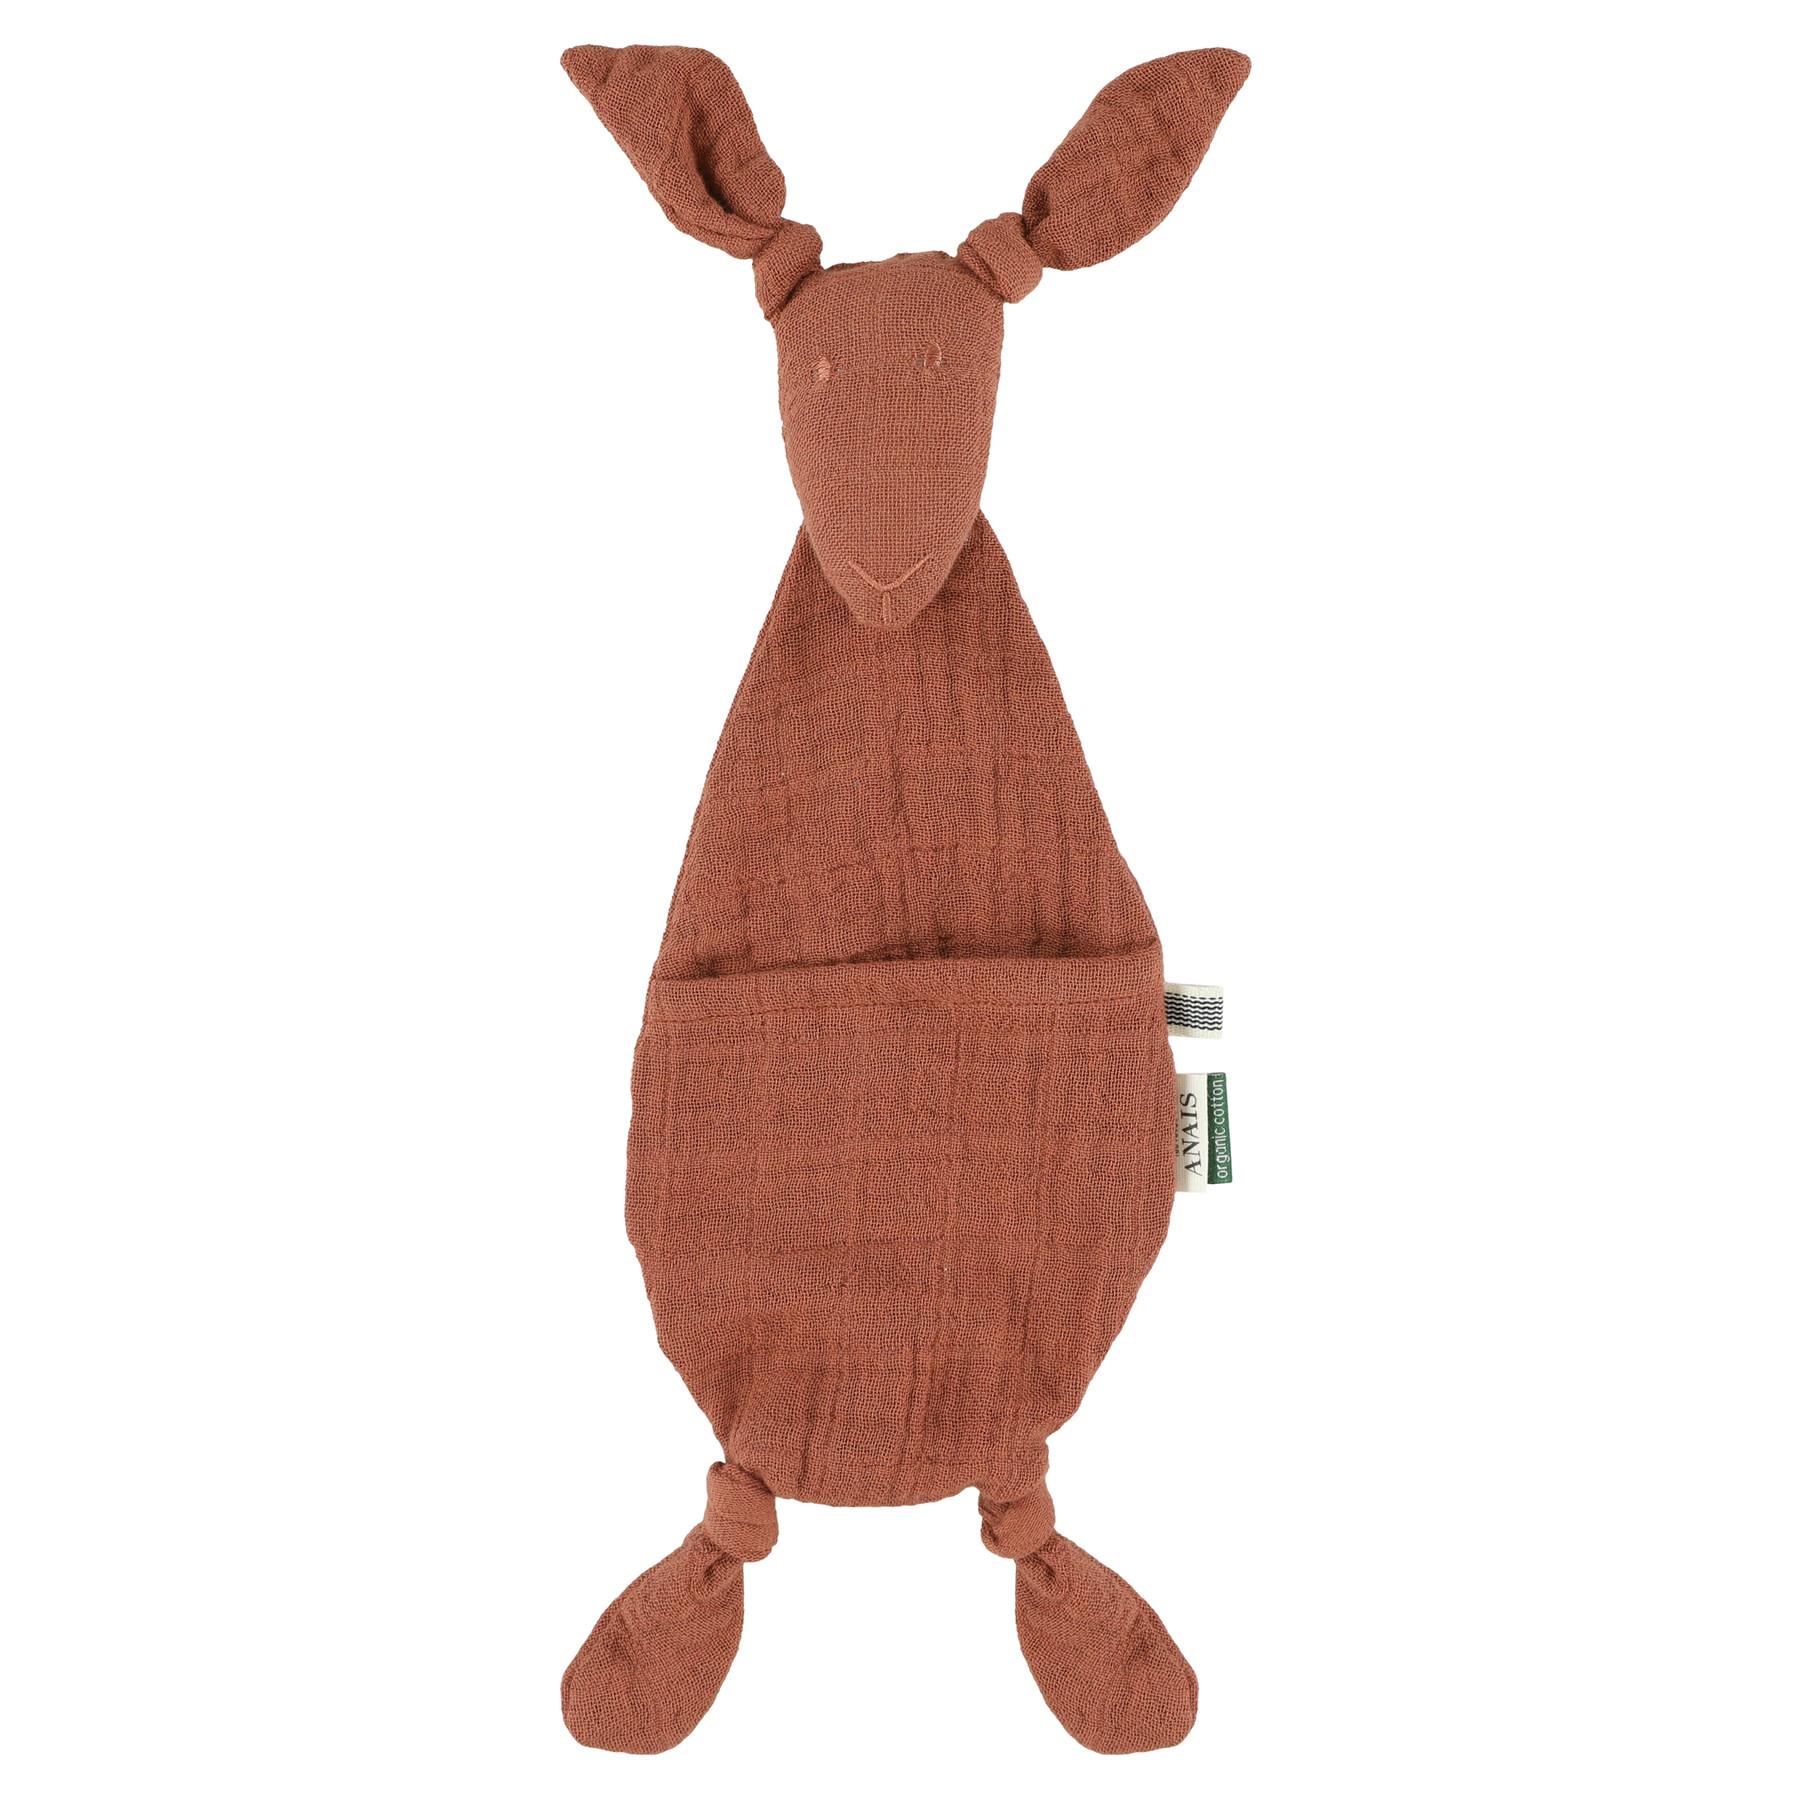 Fopspeendoekje kangoeroe bliss rust-1